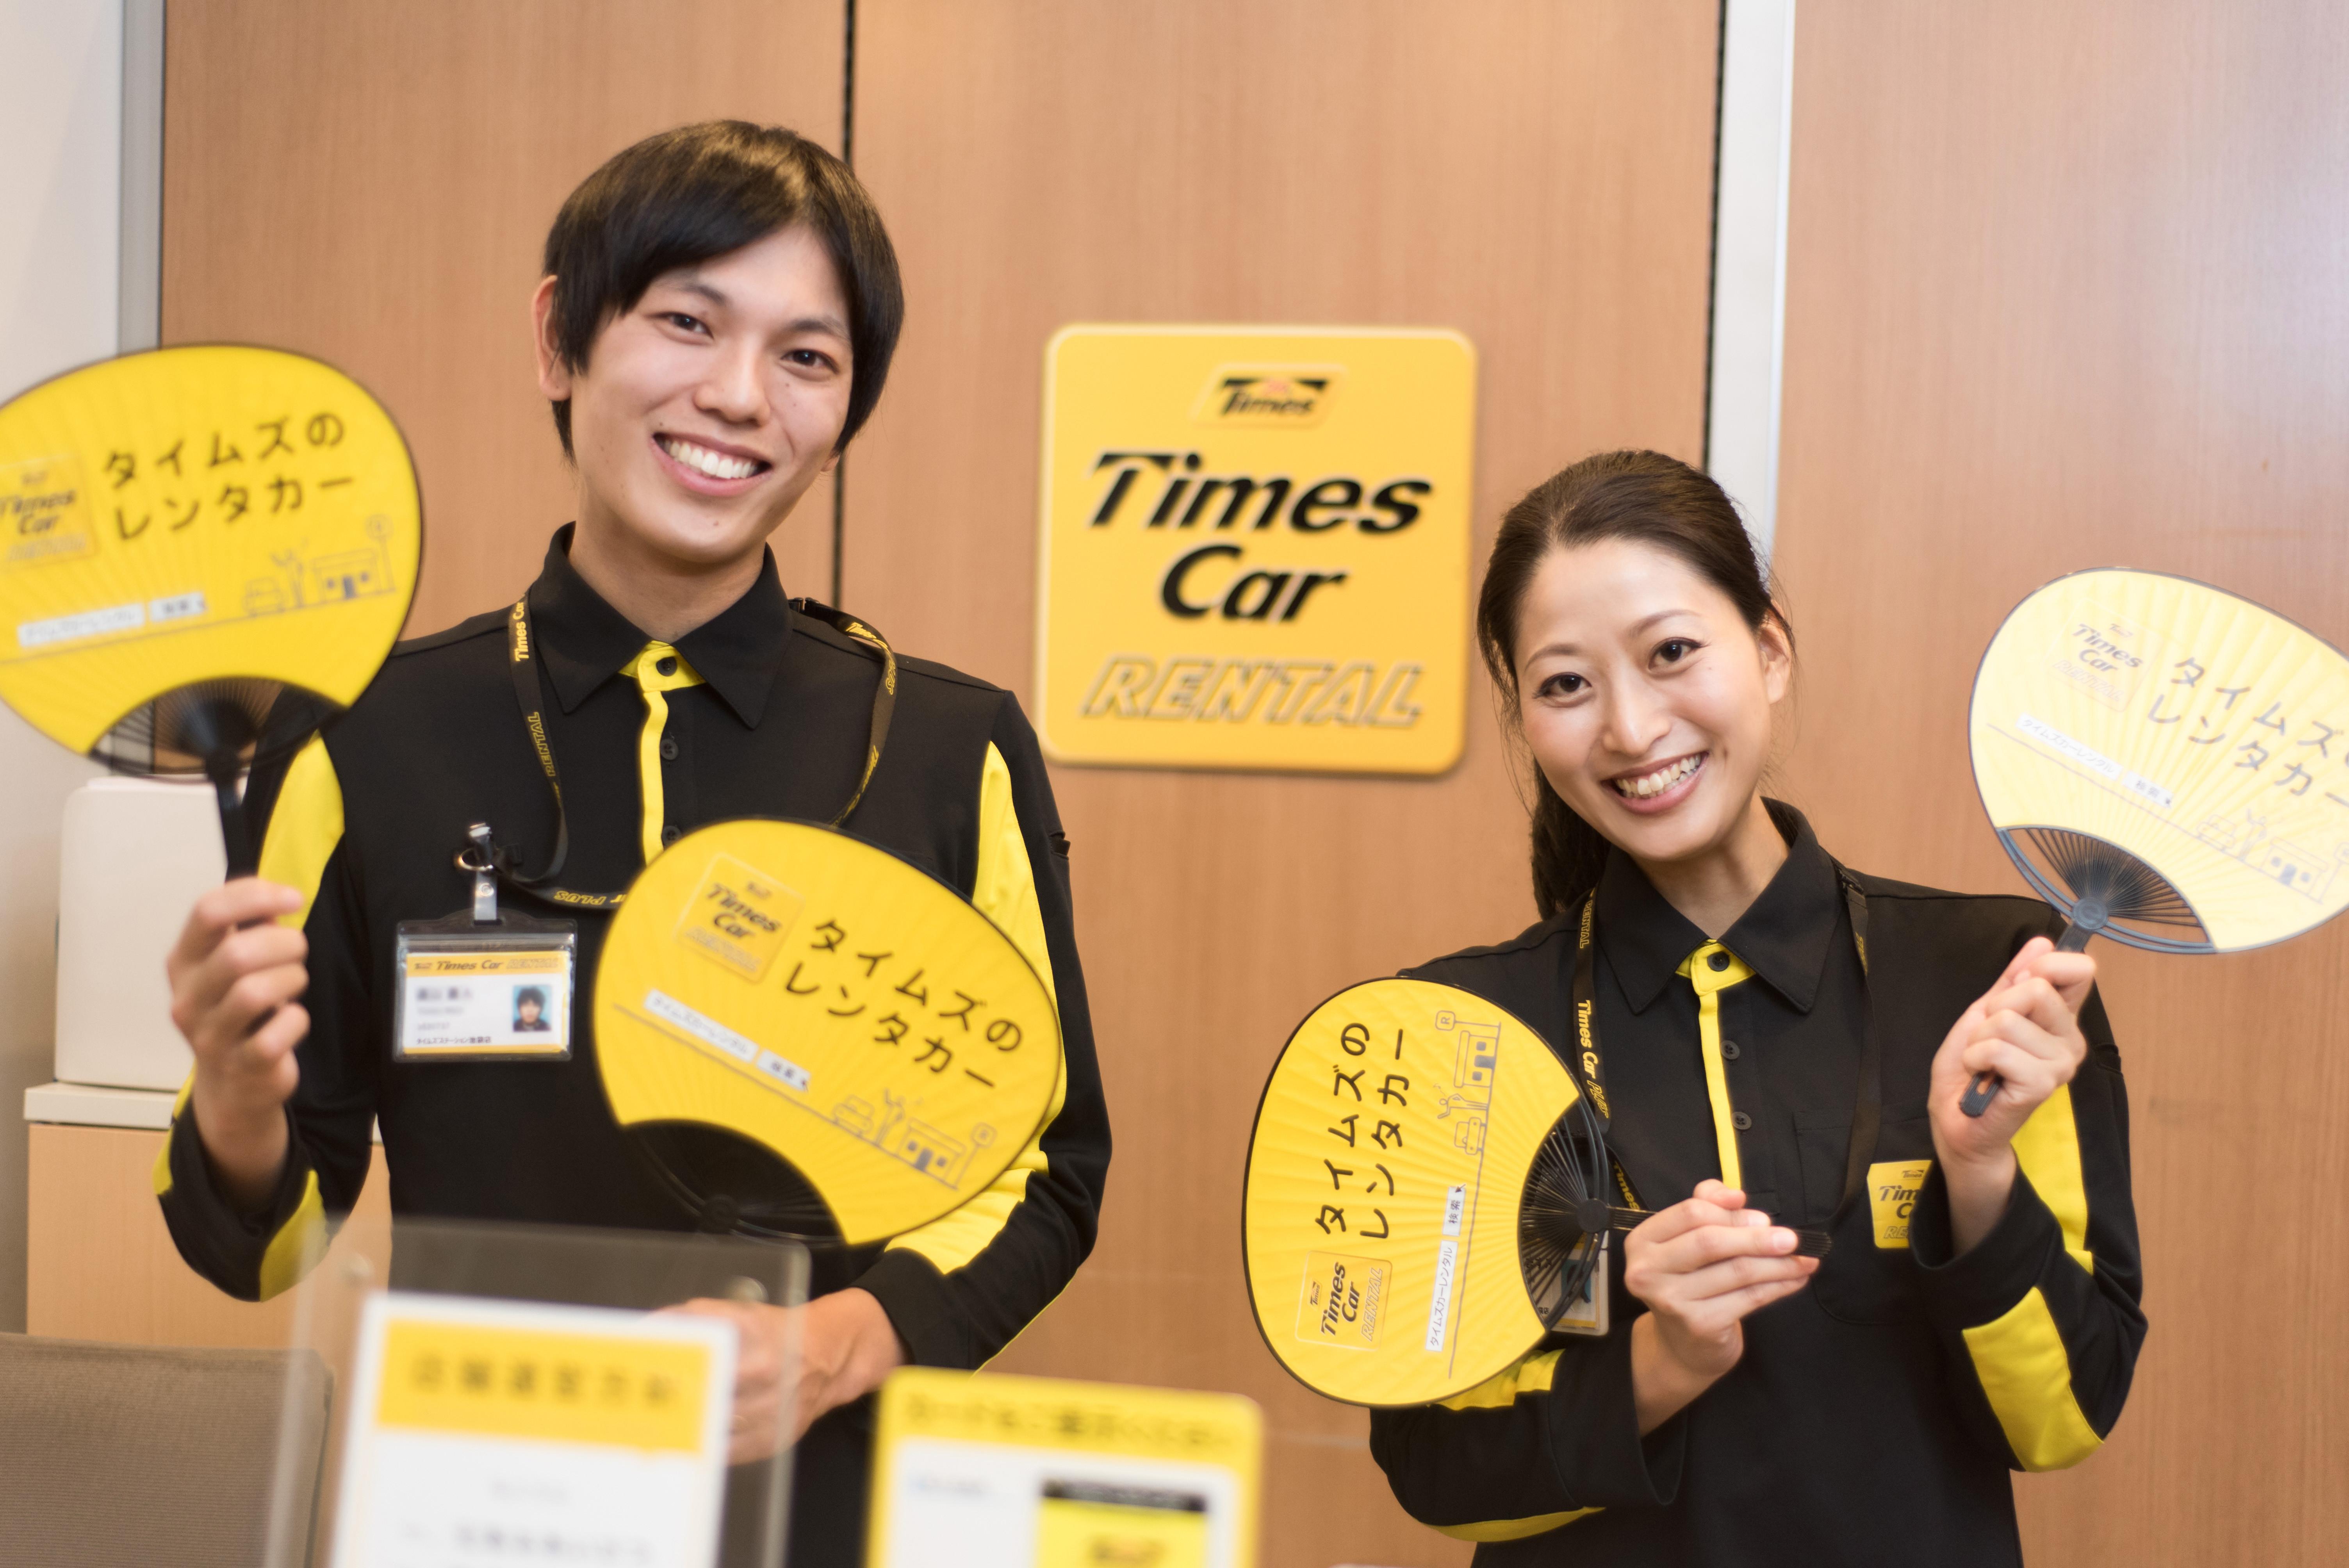 タイムズカーリペア 羽田センター のアルバイト情報